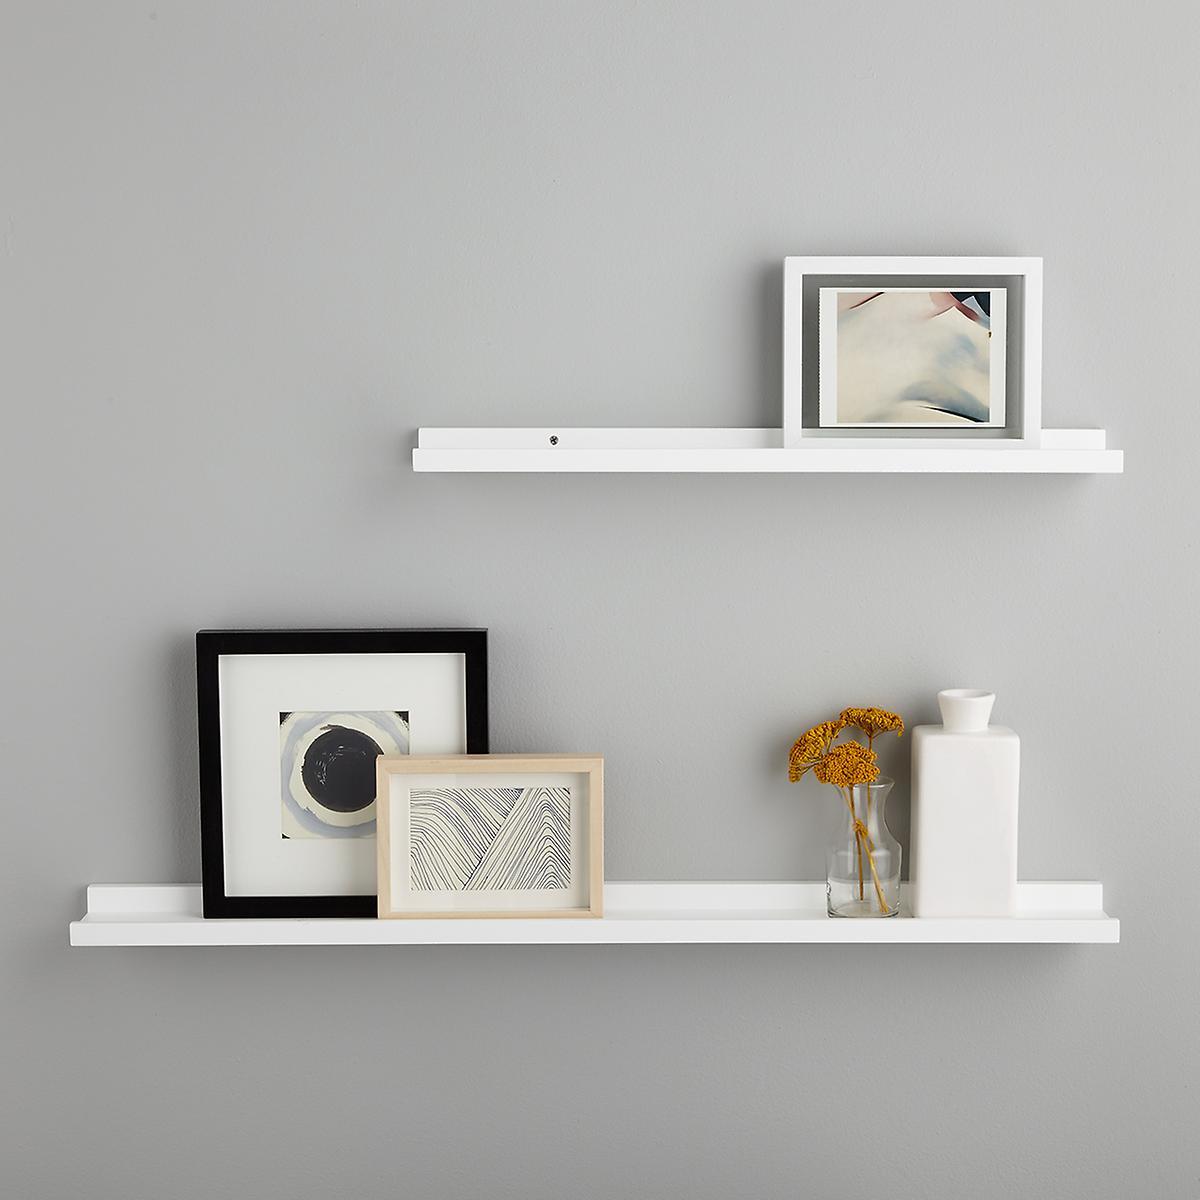 White Ledge Wall Shelves